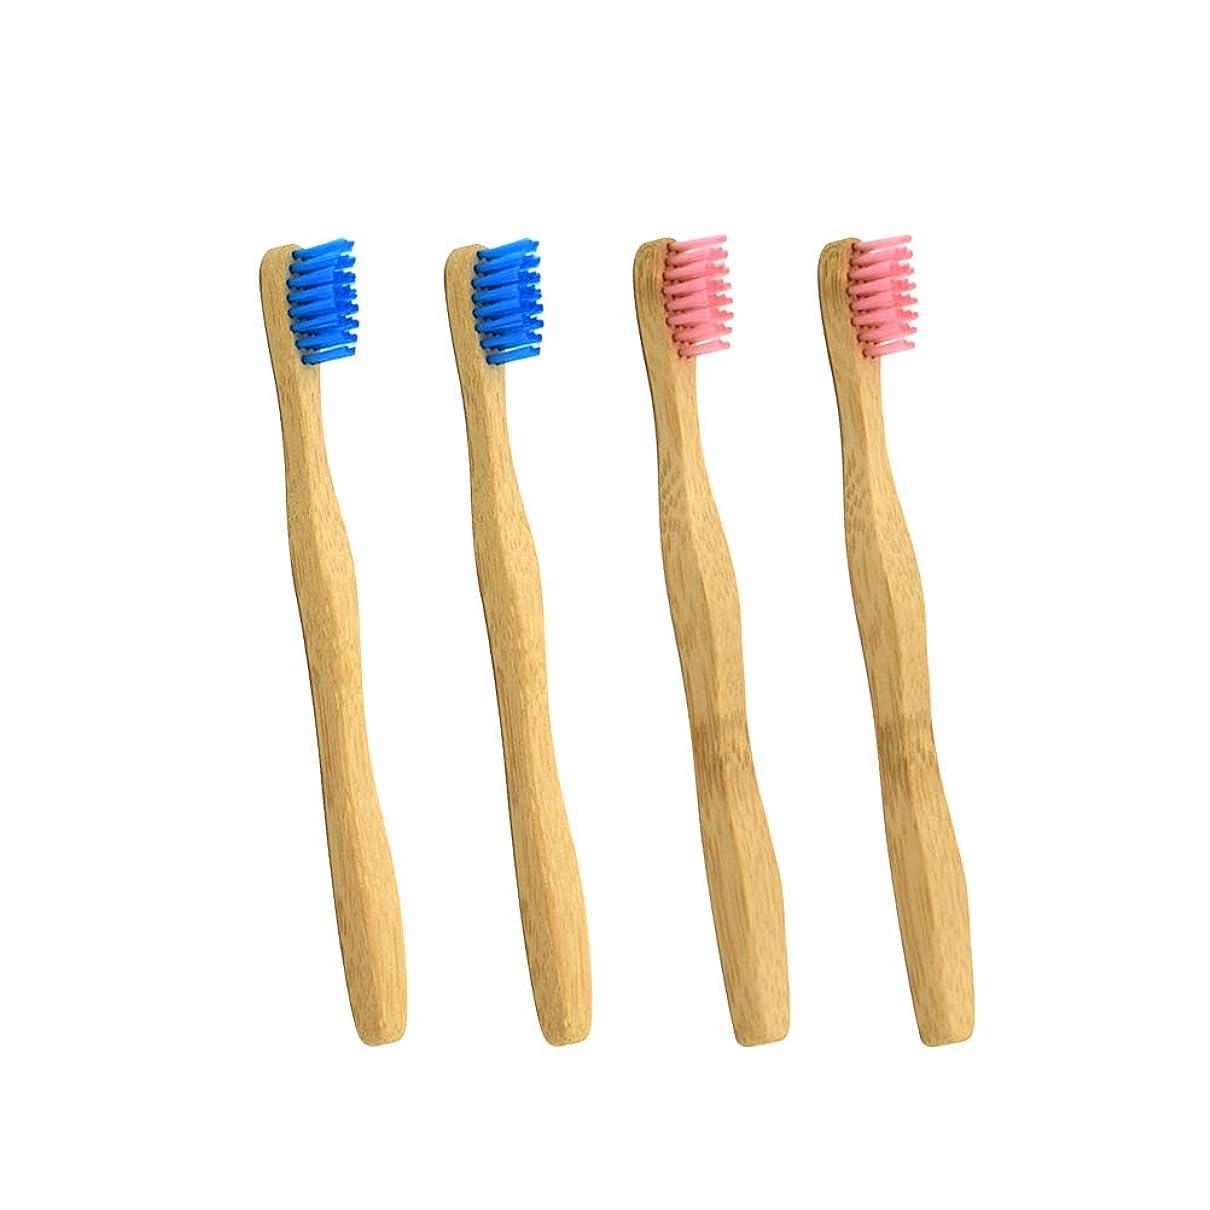 はげ韓国語深さHealifty 子供旅行のための竹の歯ブラシの木炭剛毛使い捨てのナイロン歯ブラシ(ピンクとピンク各2本)